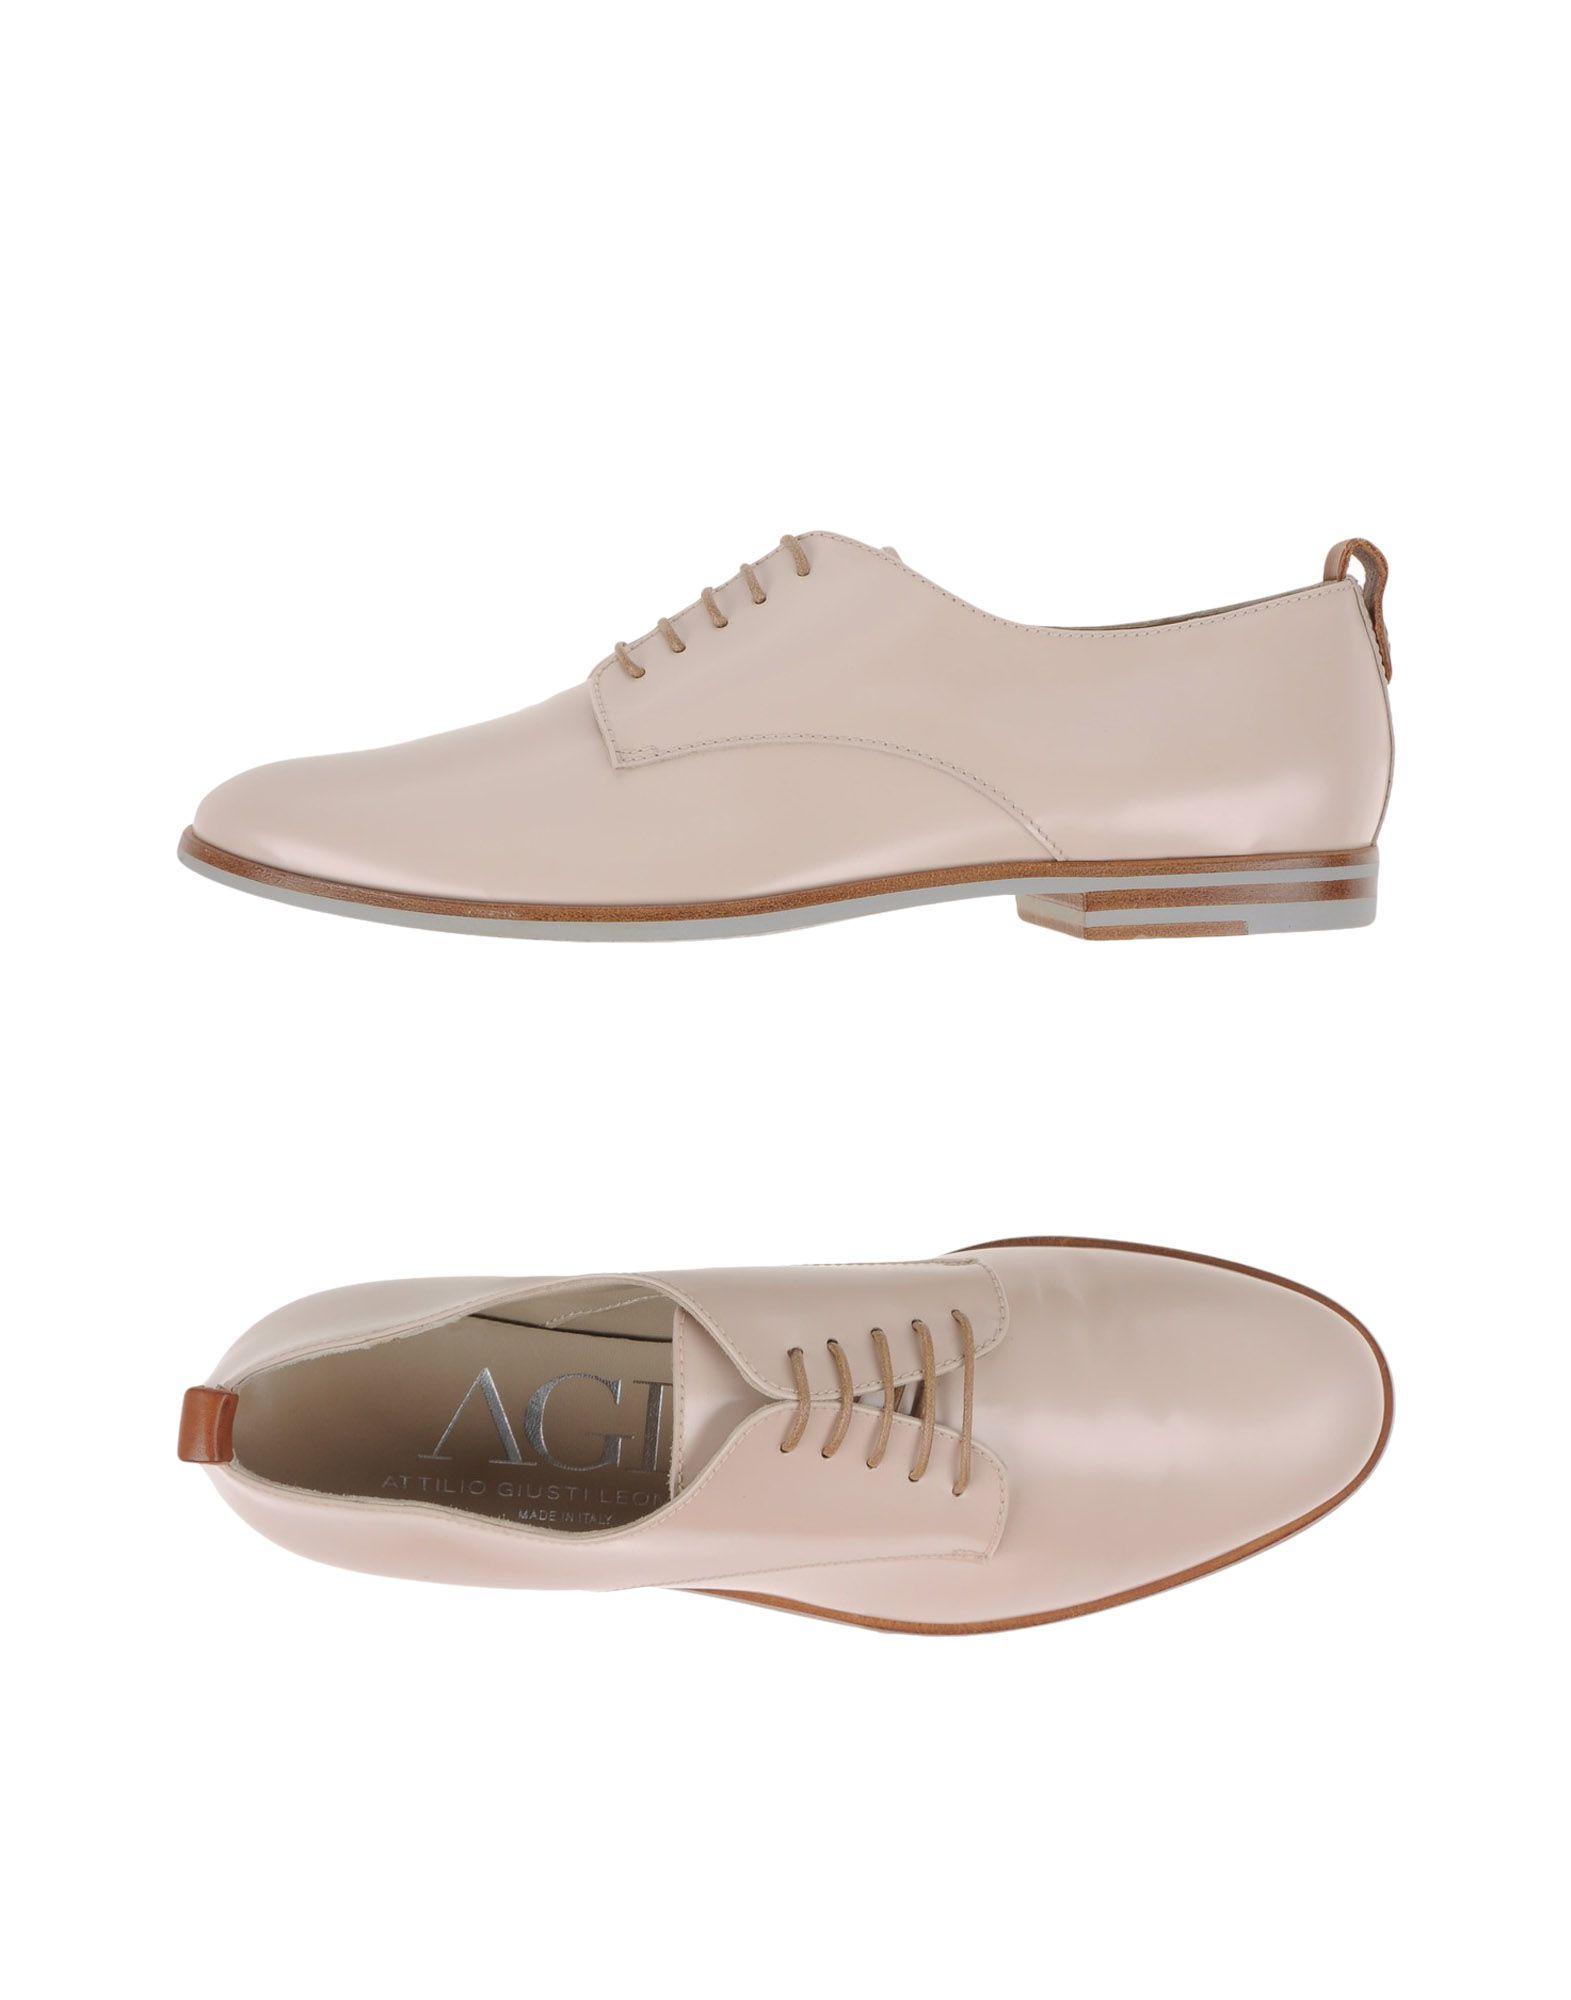 Agl Shoes Uk